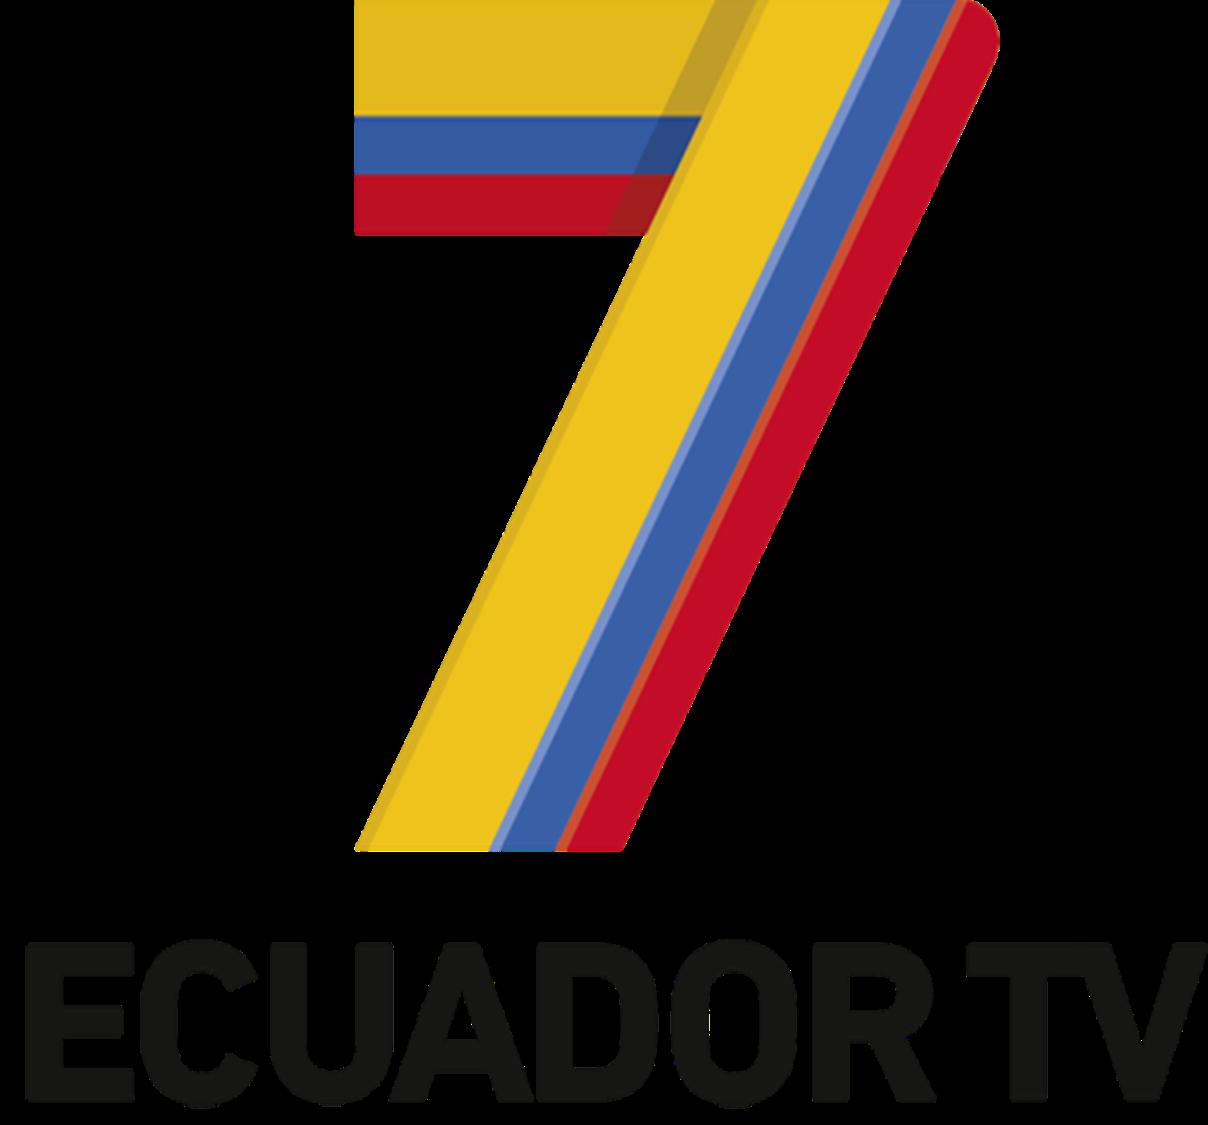 Ecuador TV 2014